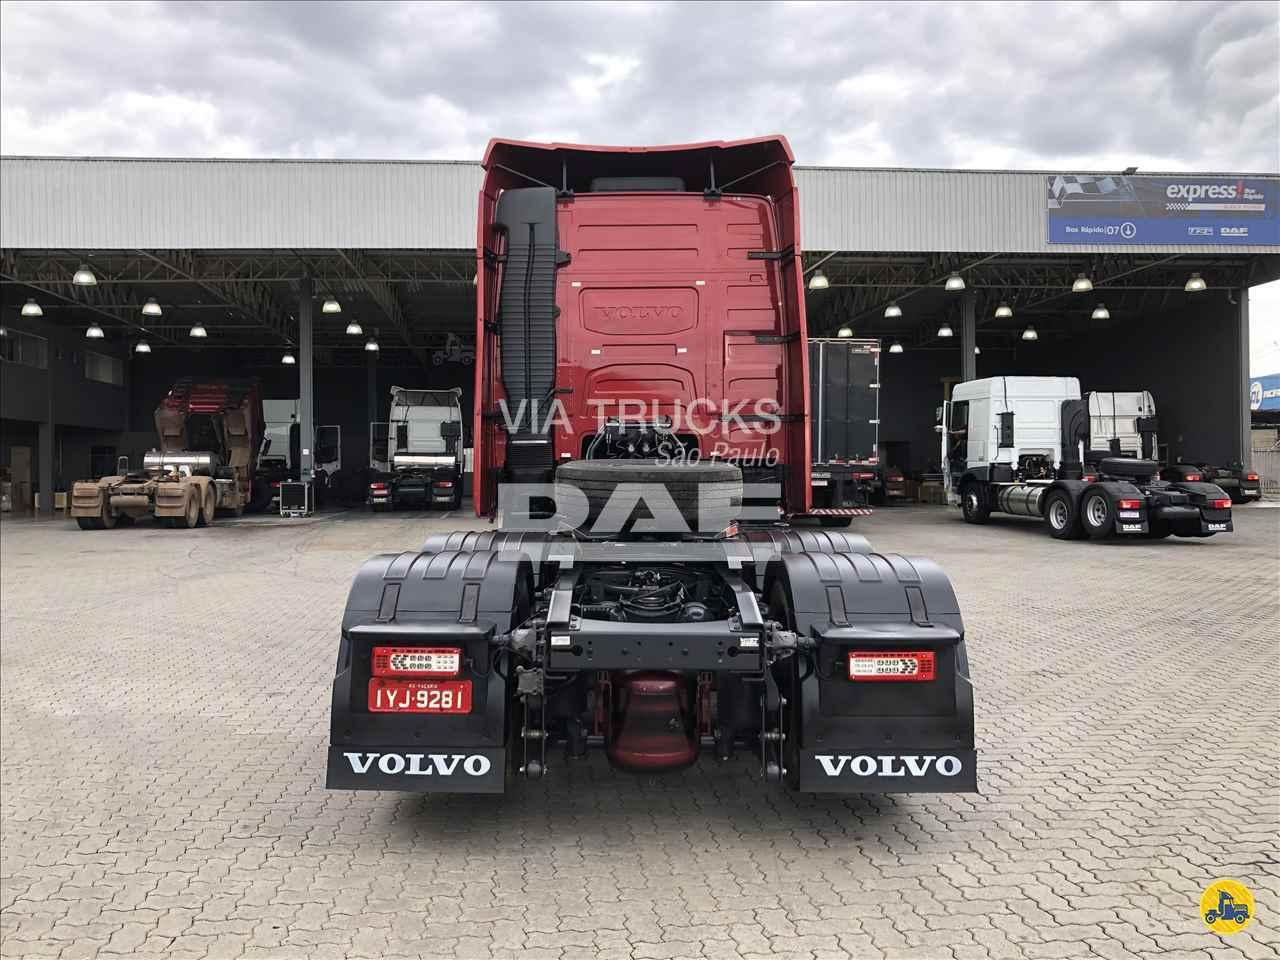 VOLVO VOLVO FH 460 412061km 2018/2018 DAF – Via Trucks São Paulo